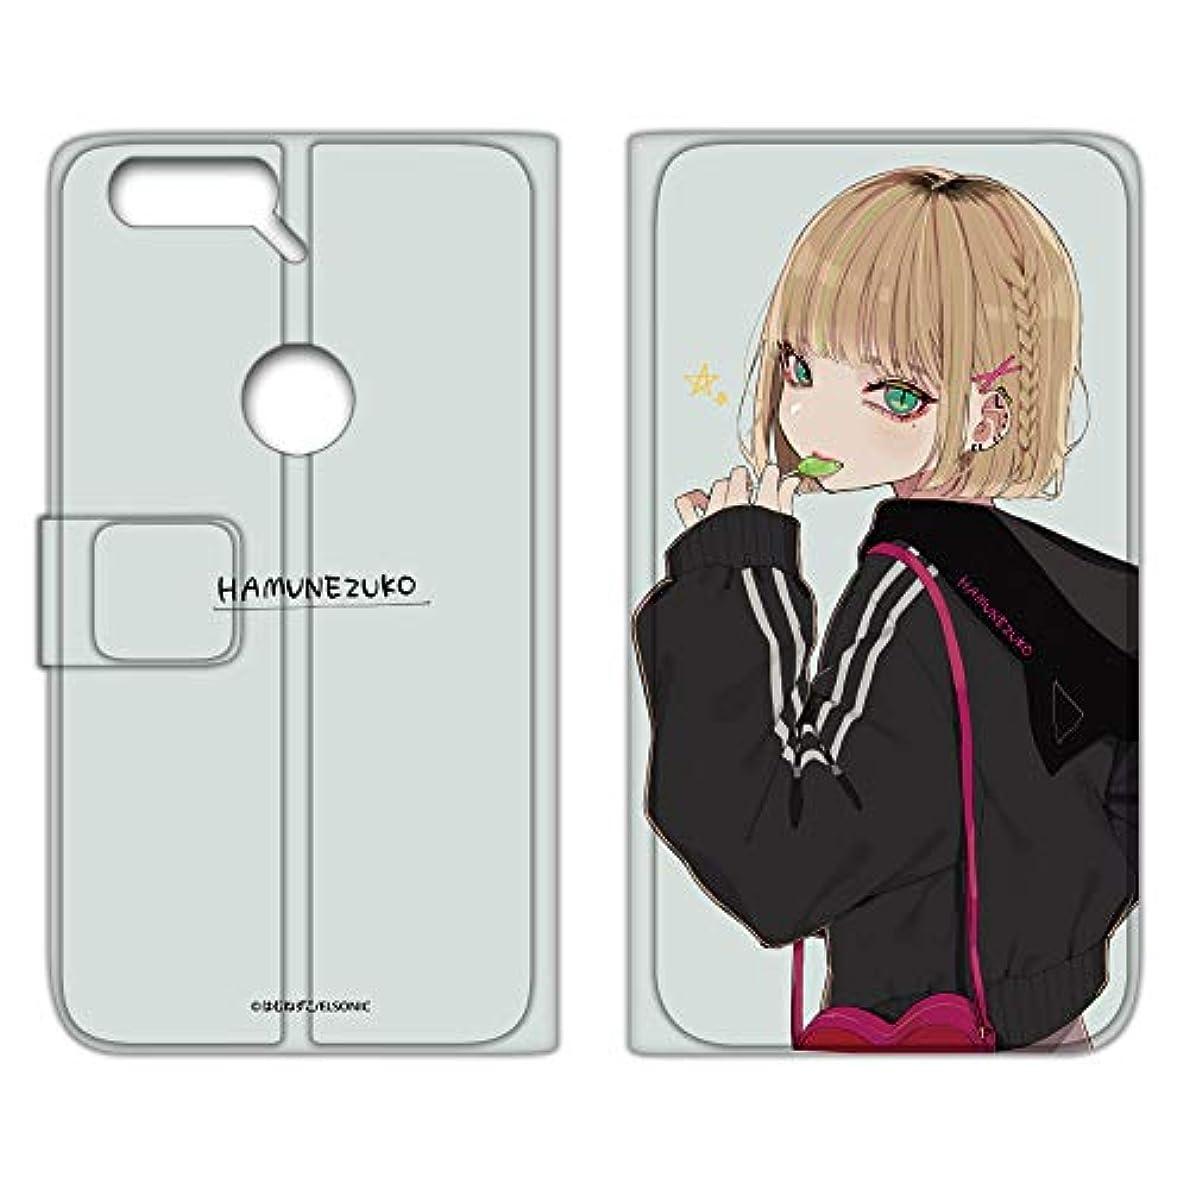 添加種類妖精WHITENUTS はむねずこ Nexus6P H1512 ケース 手帳型 薄型プリント手帳 キャンディガール1C (hm-013) TC-C1293348/LL